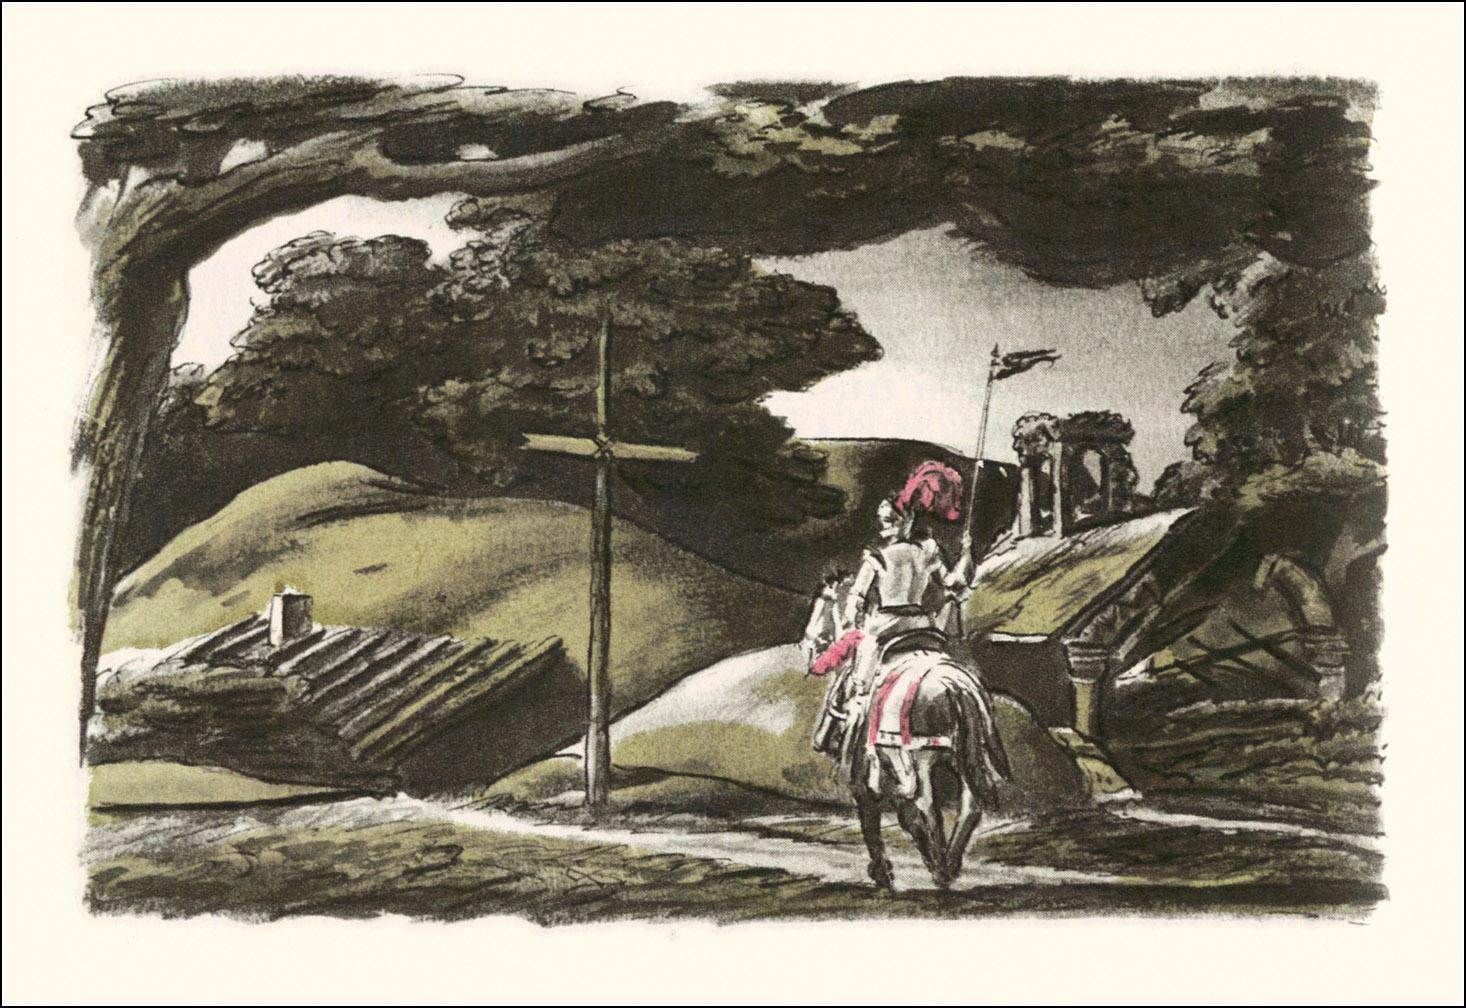 Edward A. Wilson. Ivanhoe